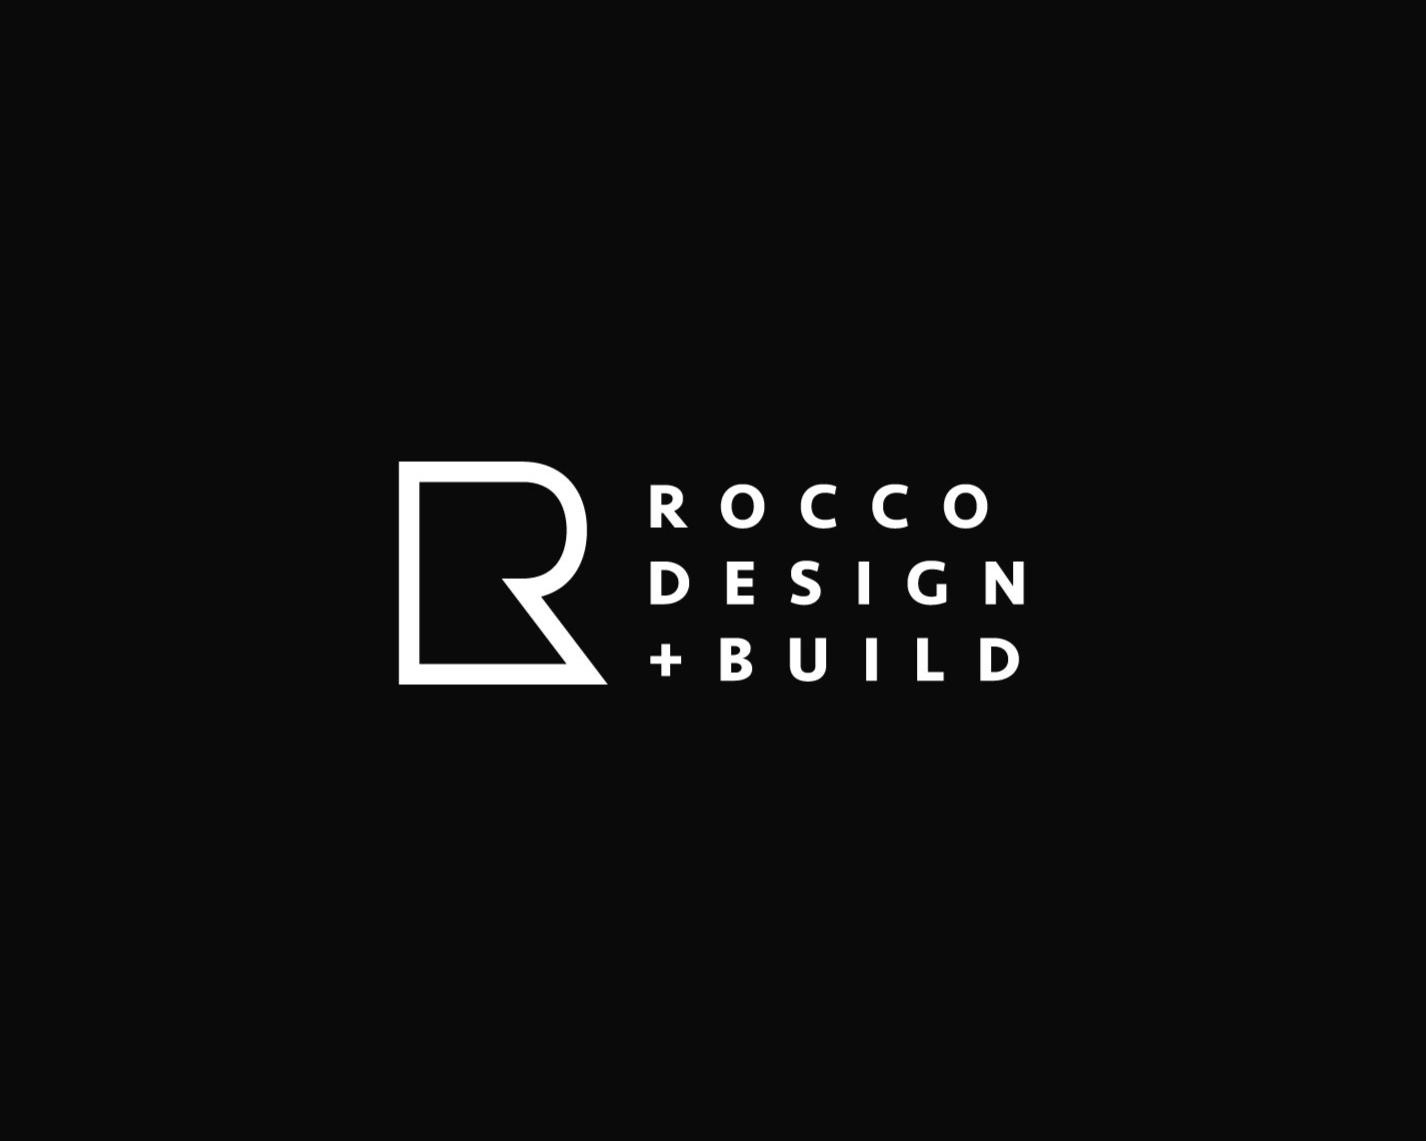 RocoDBlogo.jpg